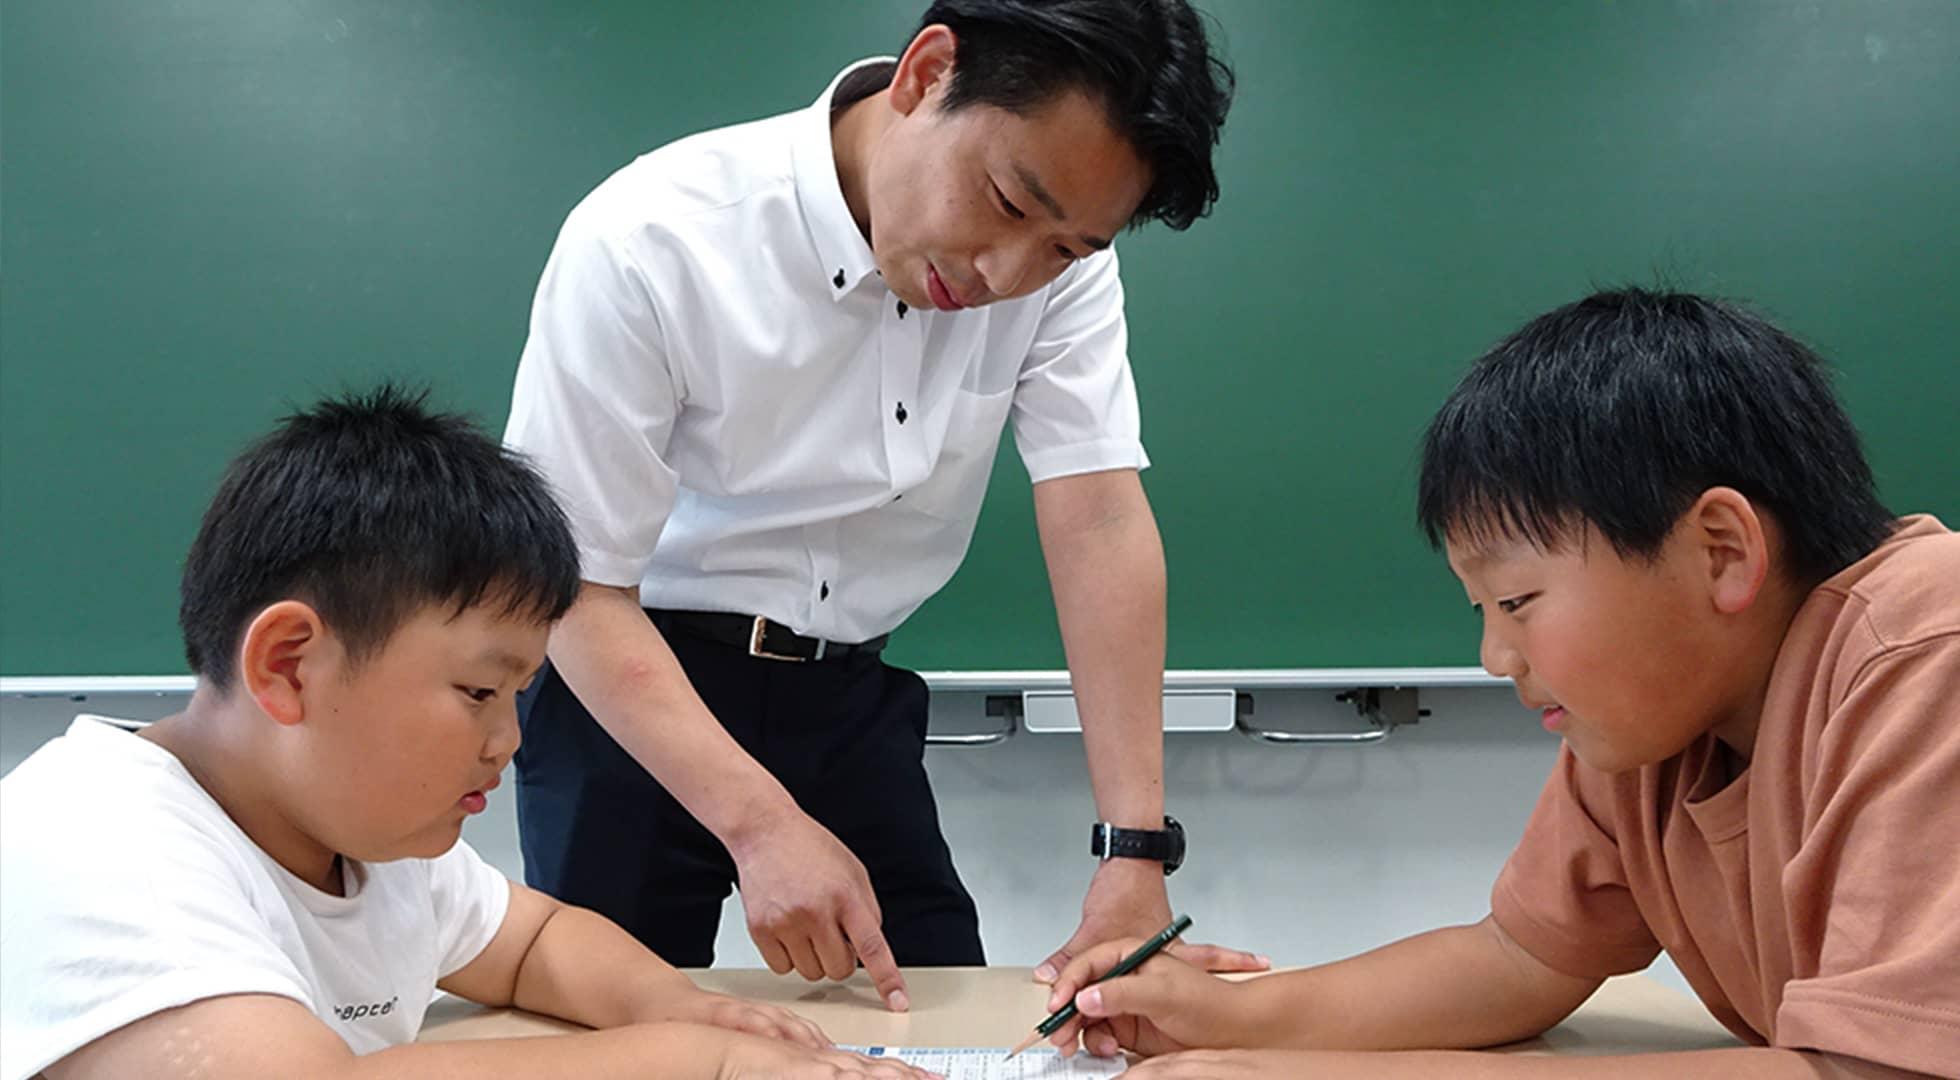 児童生徒に向けた実践を創る